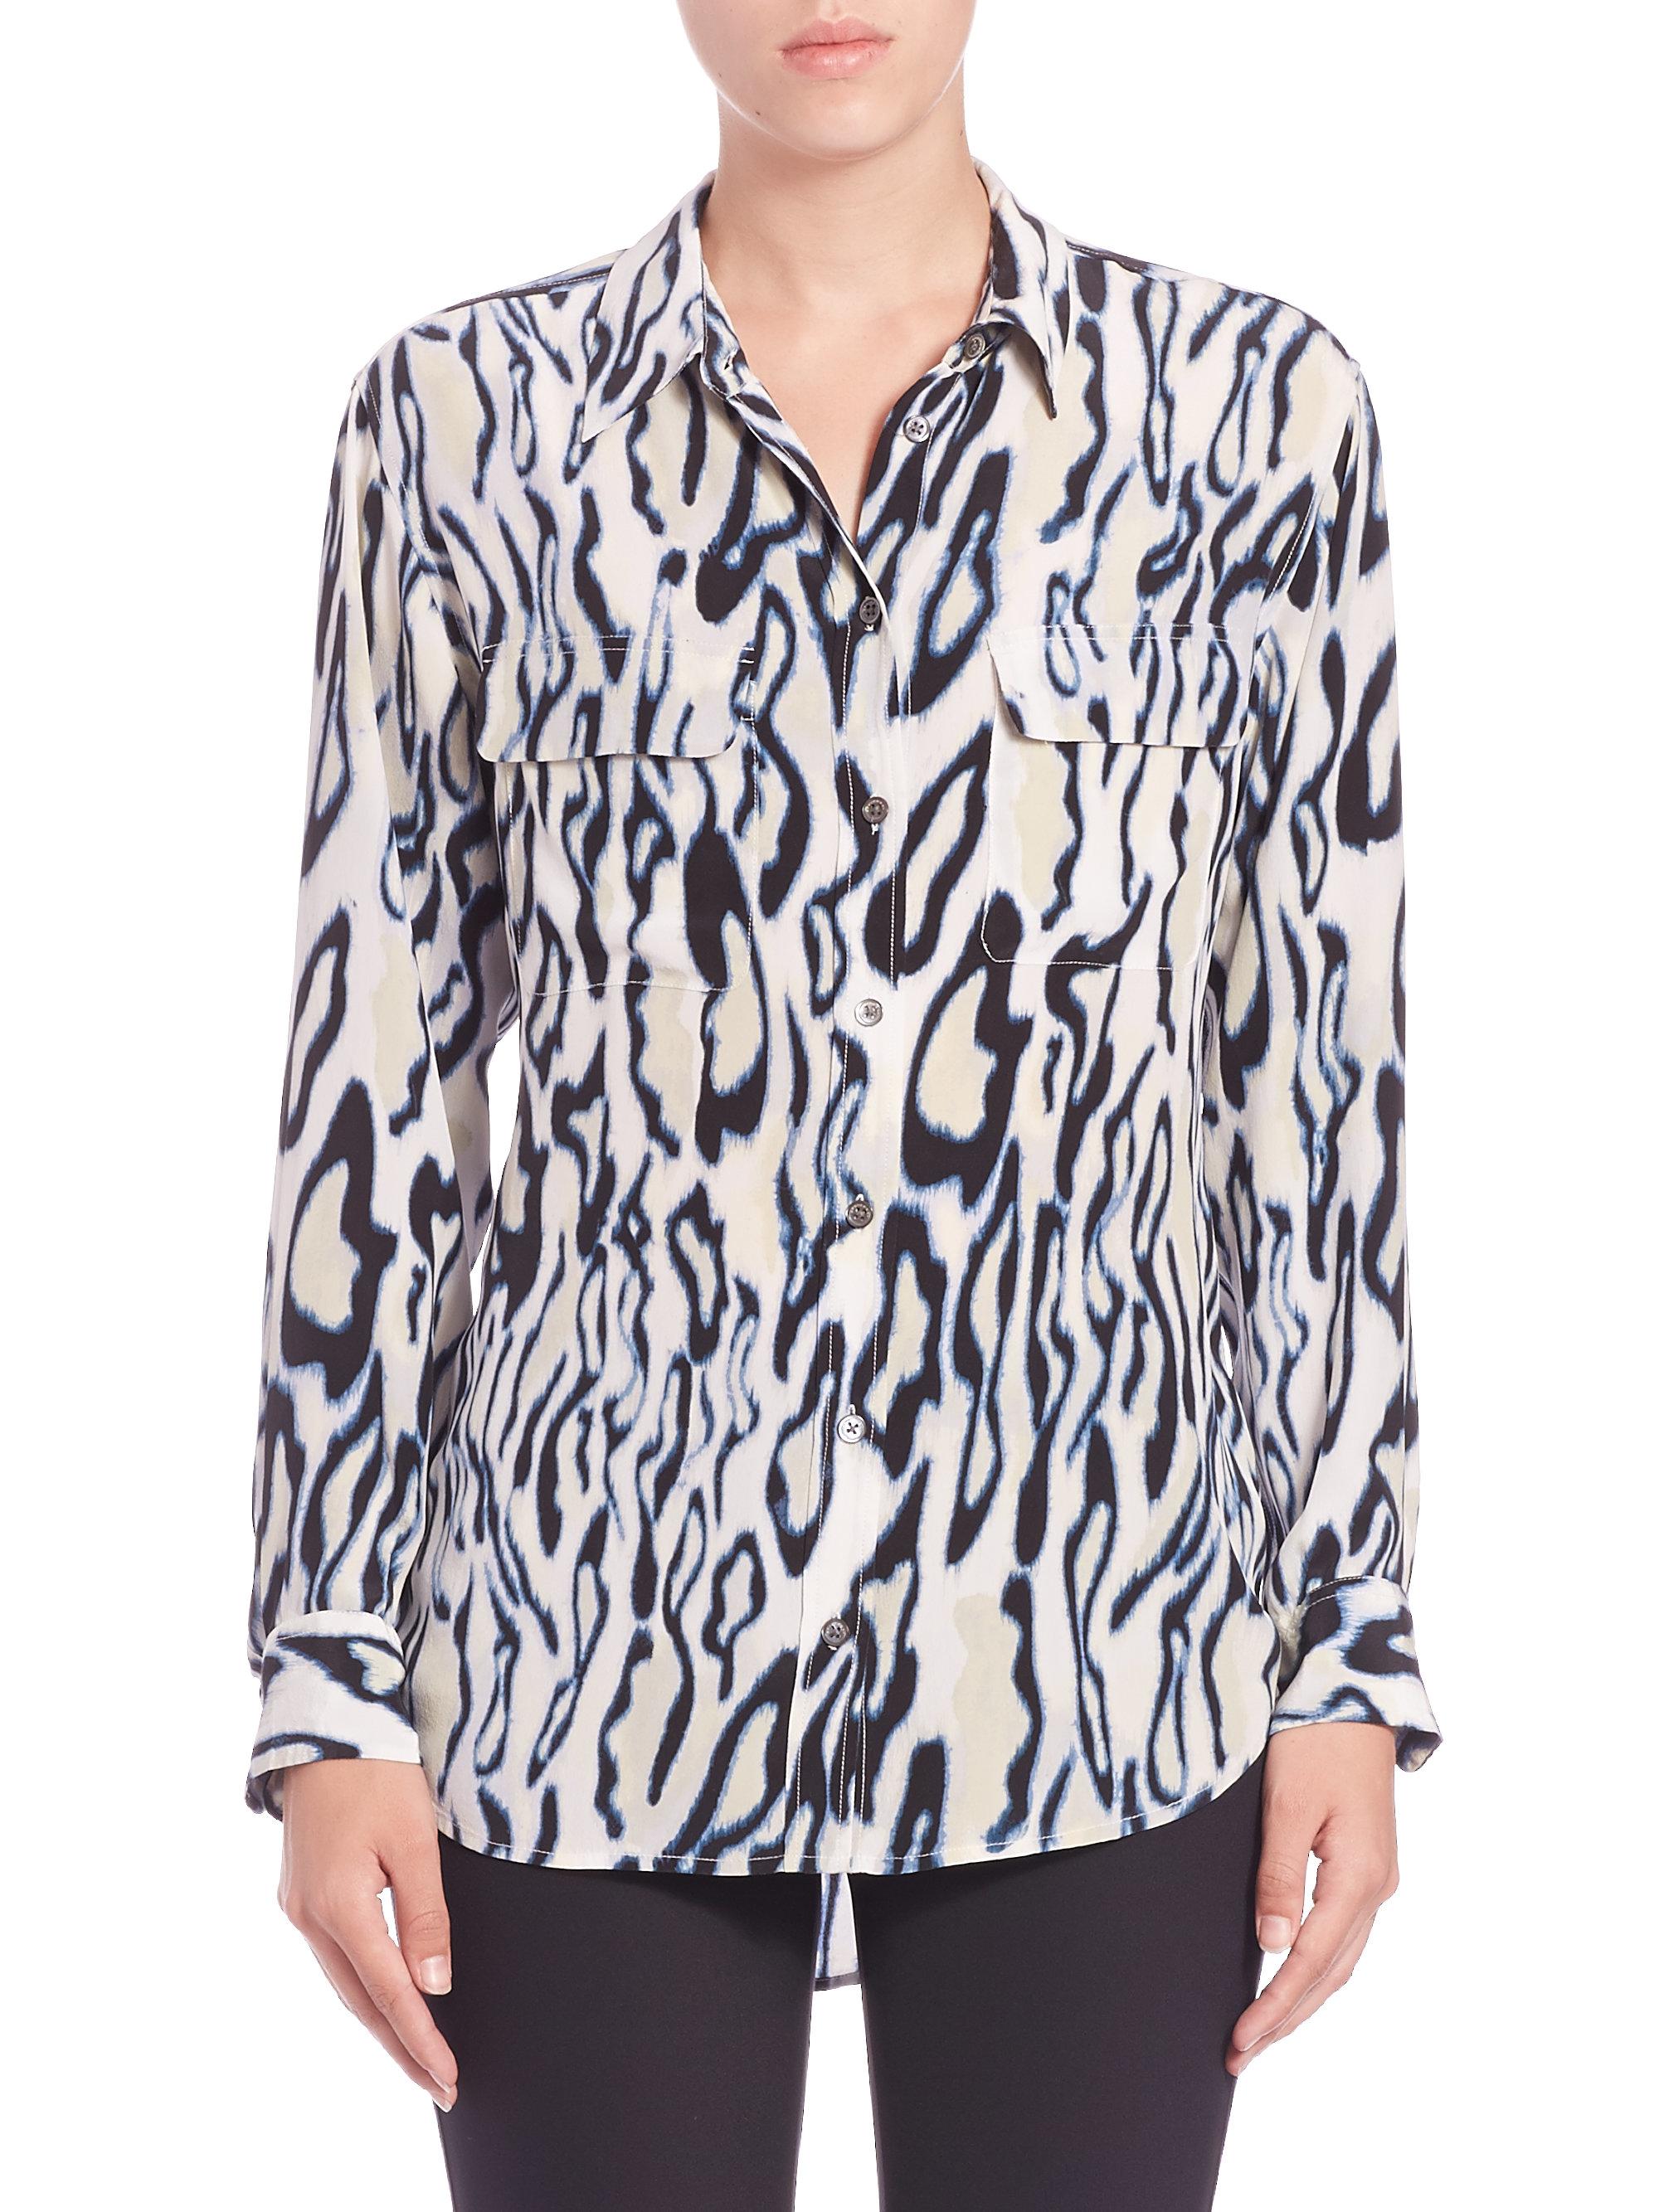 Lyst Equipment Silk Cheetah Print Shirt